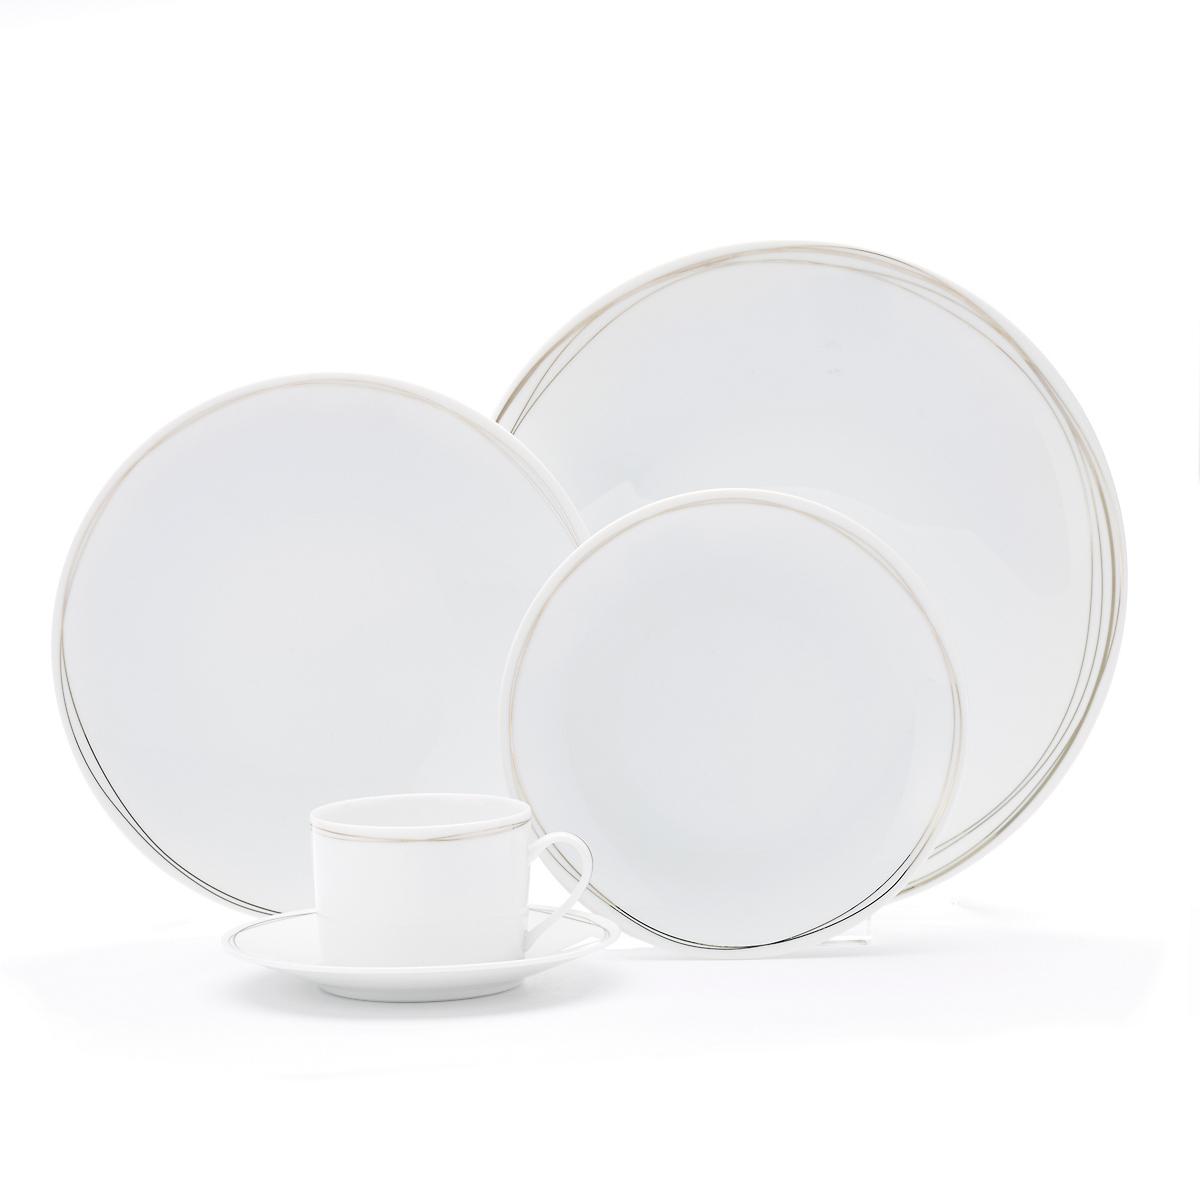 Christofle Vertigo Dinnerware  sc 1 st  Gumpu0027s & Christofle Vertigo Dinnerware | Gumpu0027s